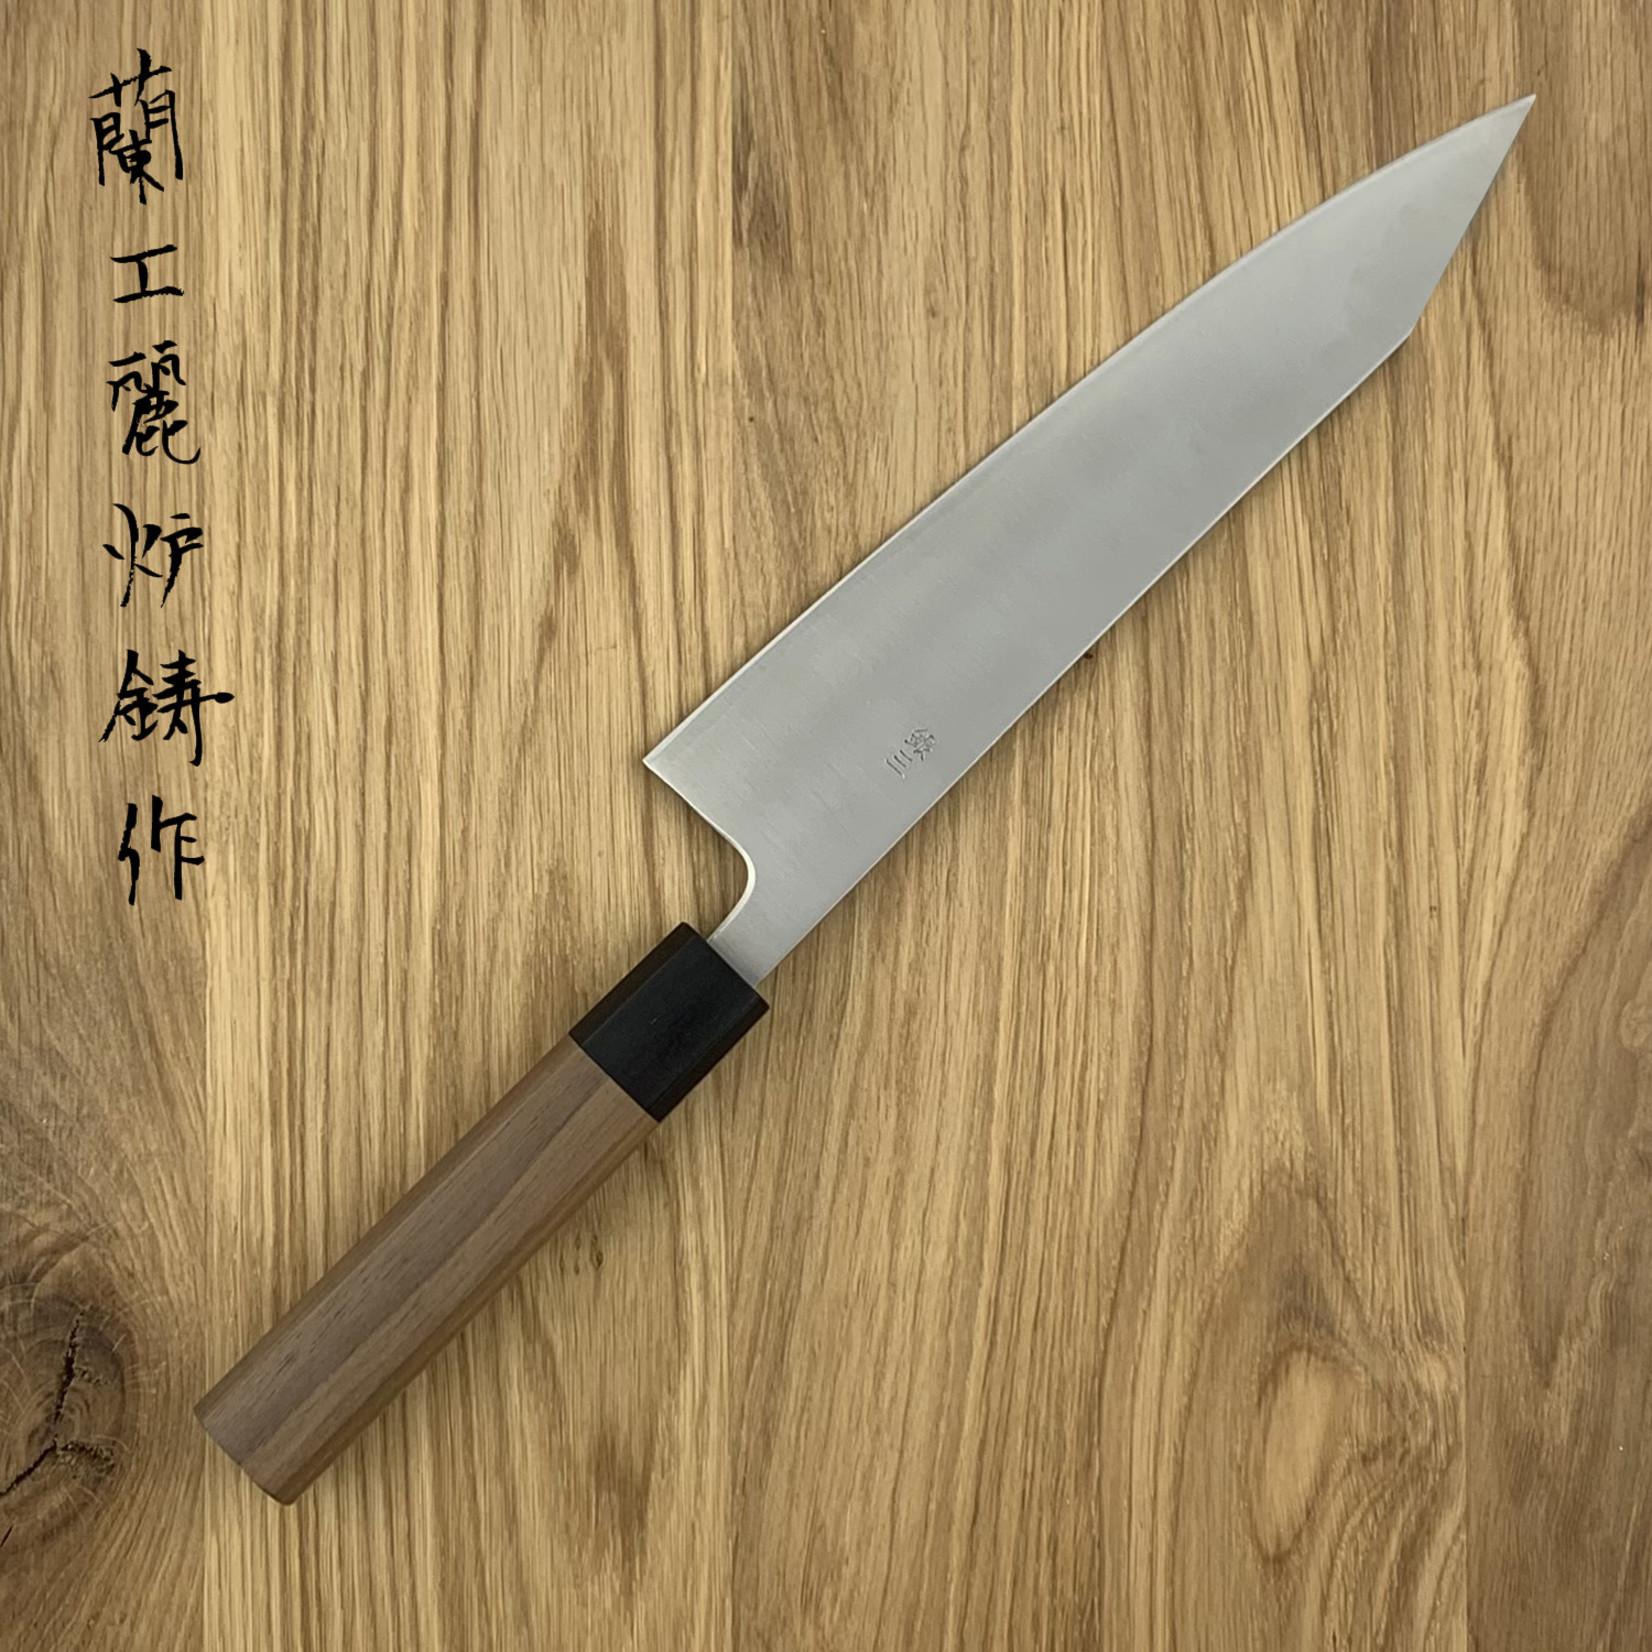 KIKUICHI Ginsan Sanmai Walnut Handle Kiritsuke Gyuto 210mm